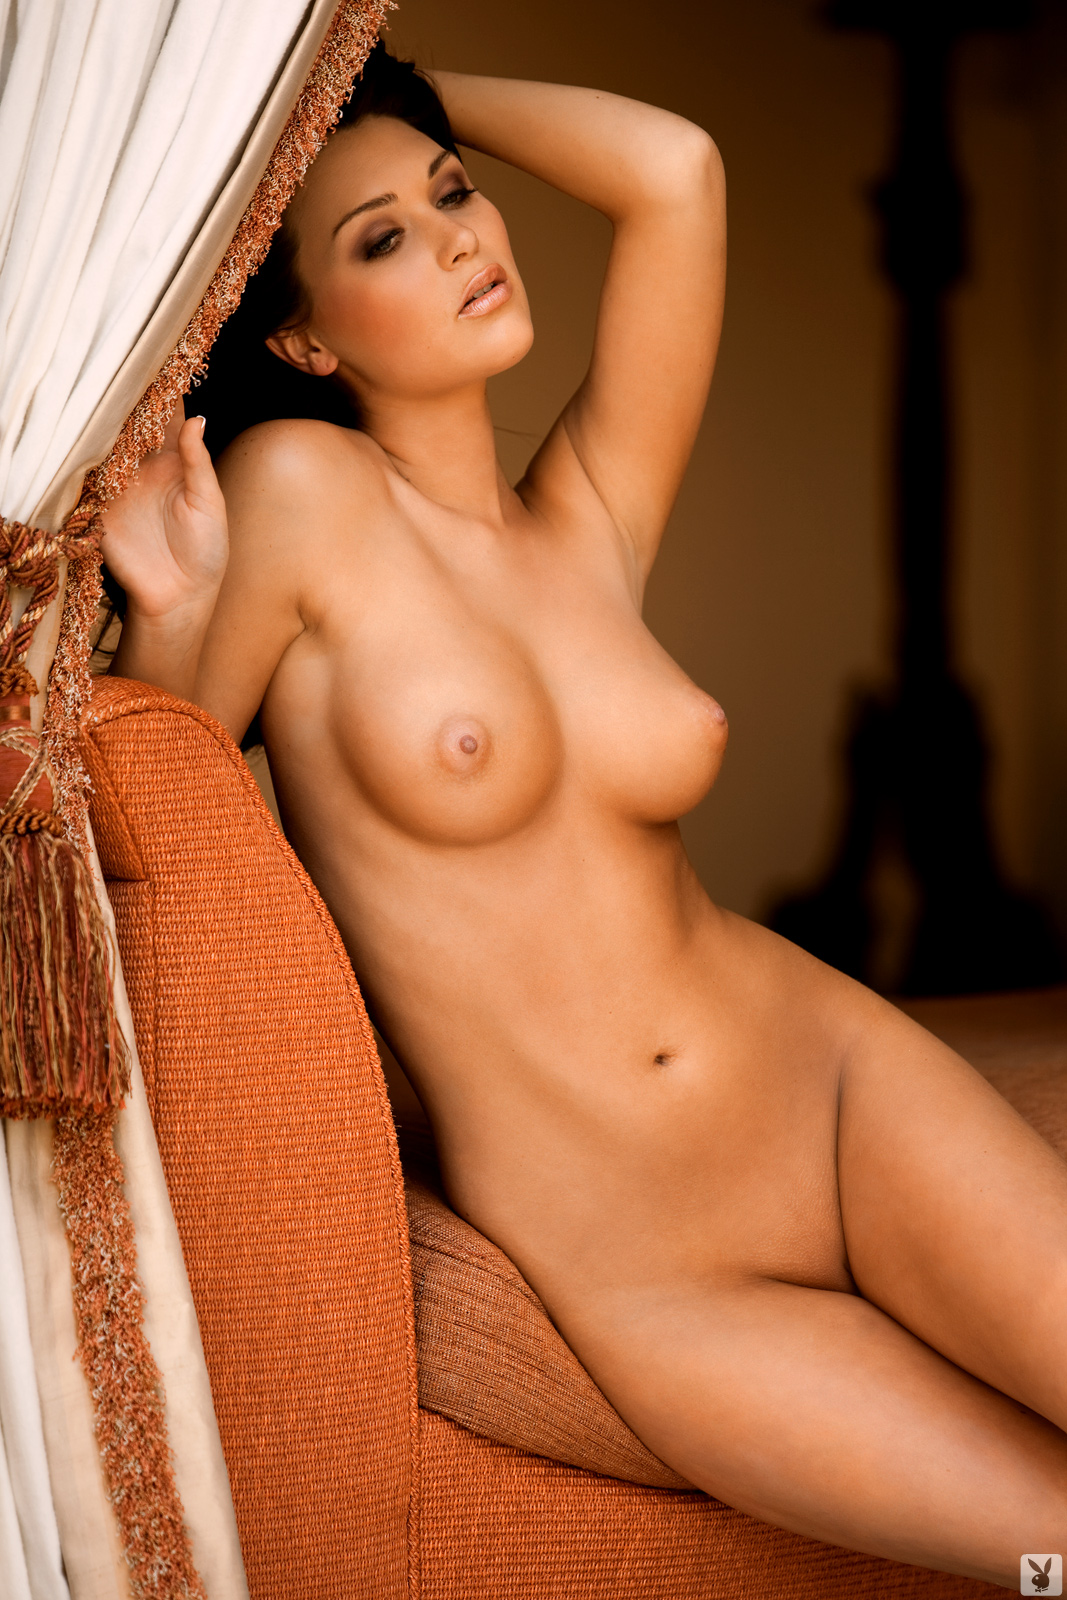 army boobs sucking porn